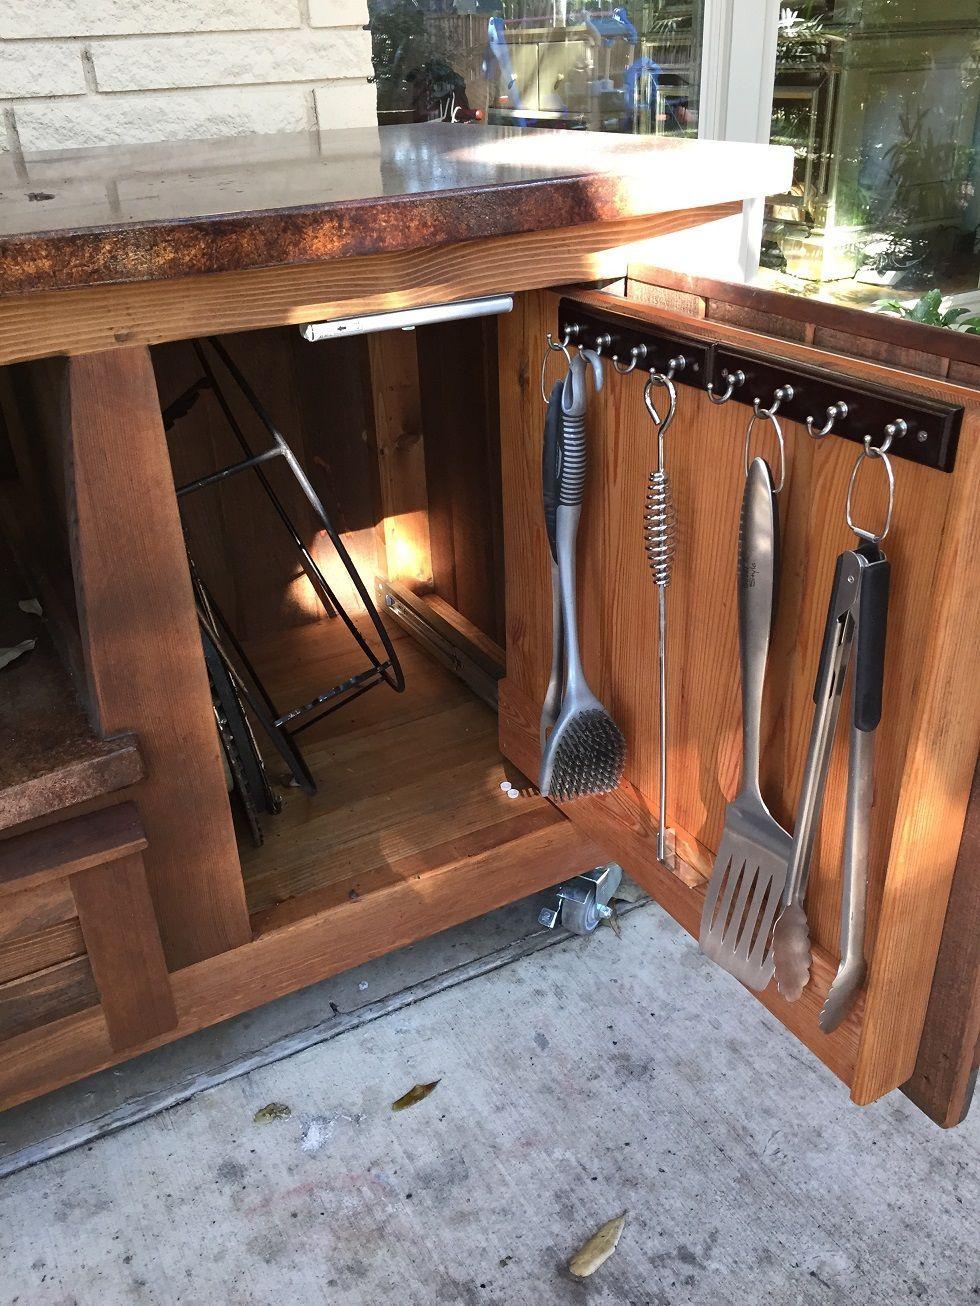 Küchendesign im freien thereus plenty of storage space inside the morgan design big green